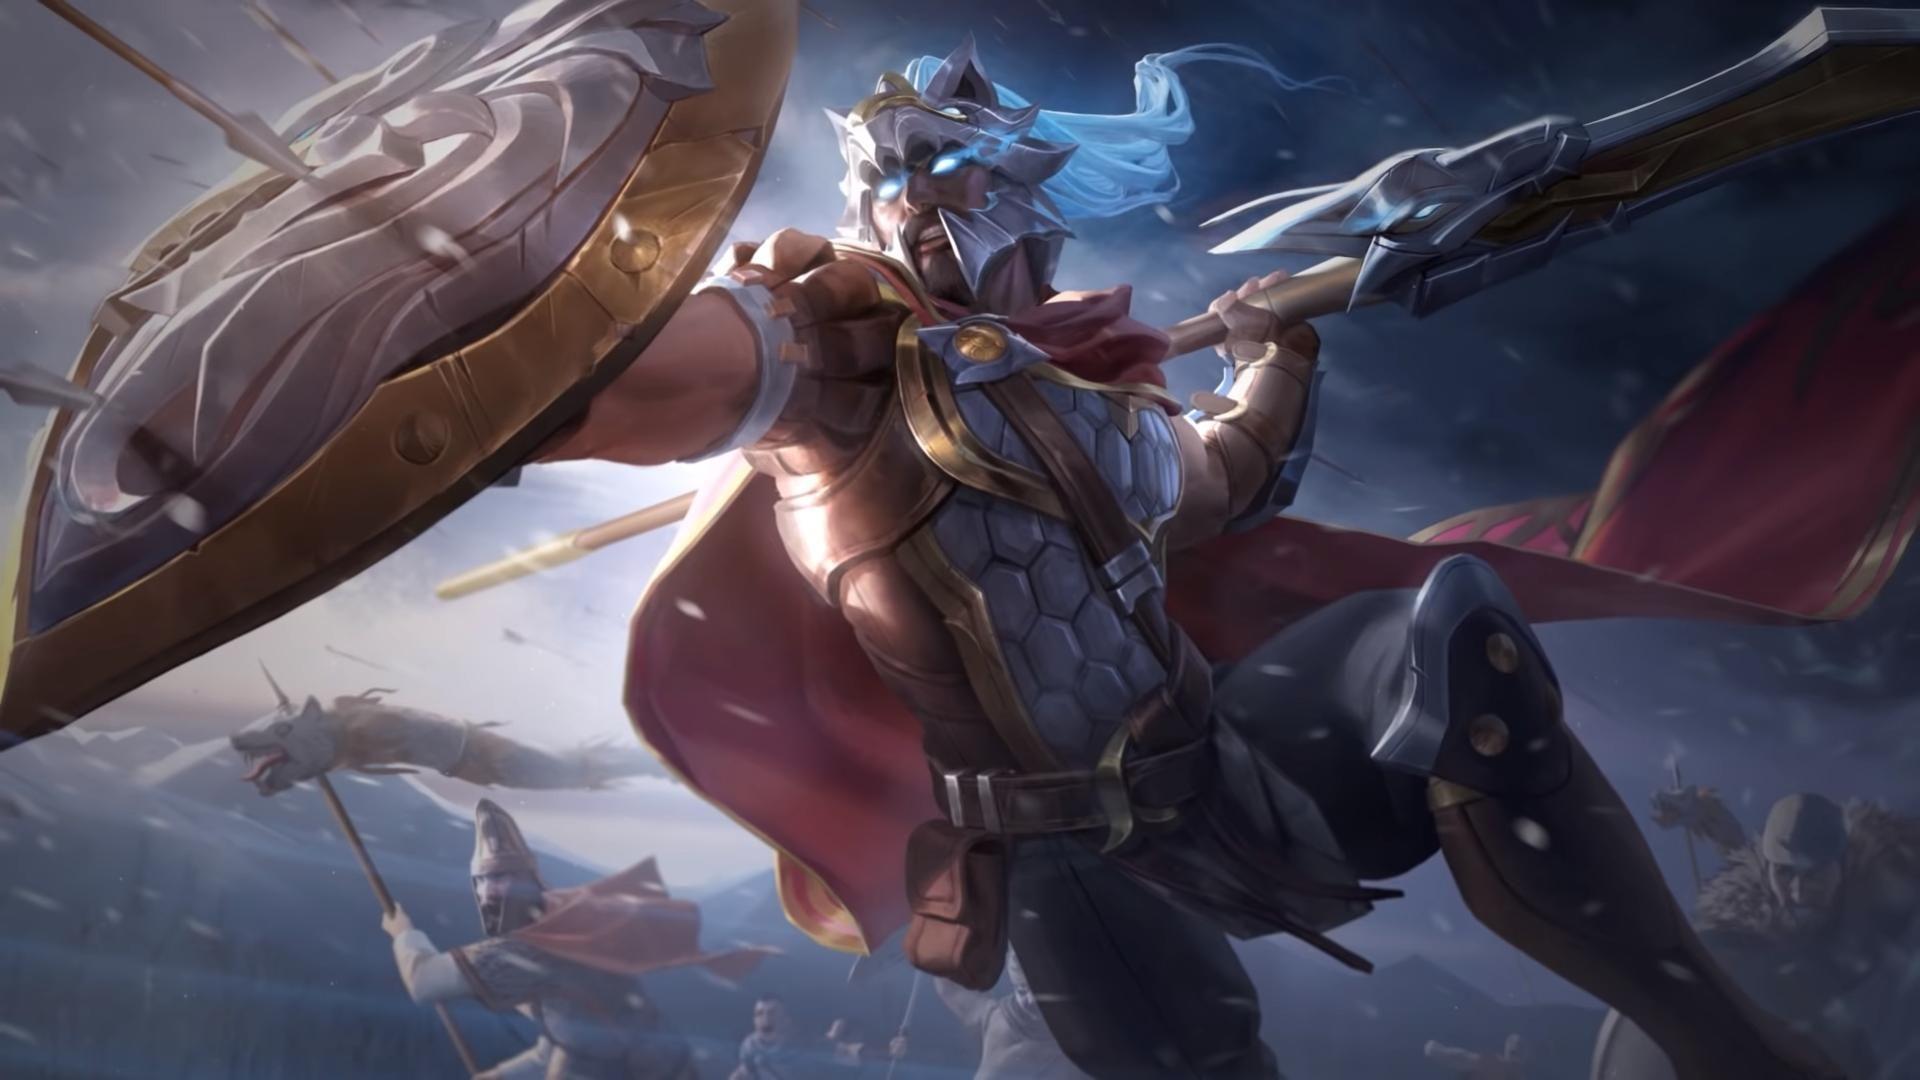 Pin De Rina Tmmts Em L E A G U E O F L E G E N D S Ilustracoes Ilustracao De Fantasia Guerreiro Espartano